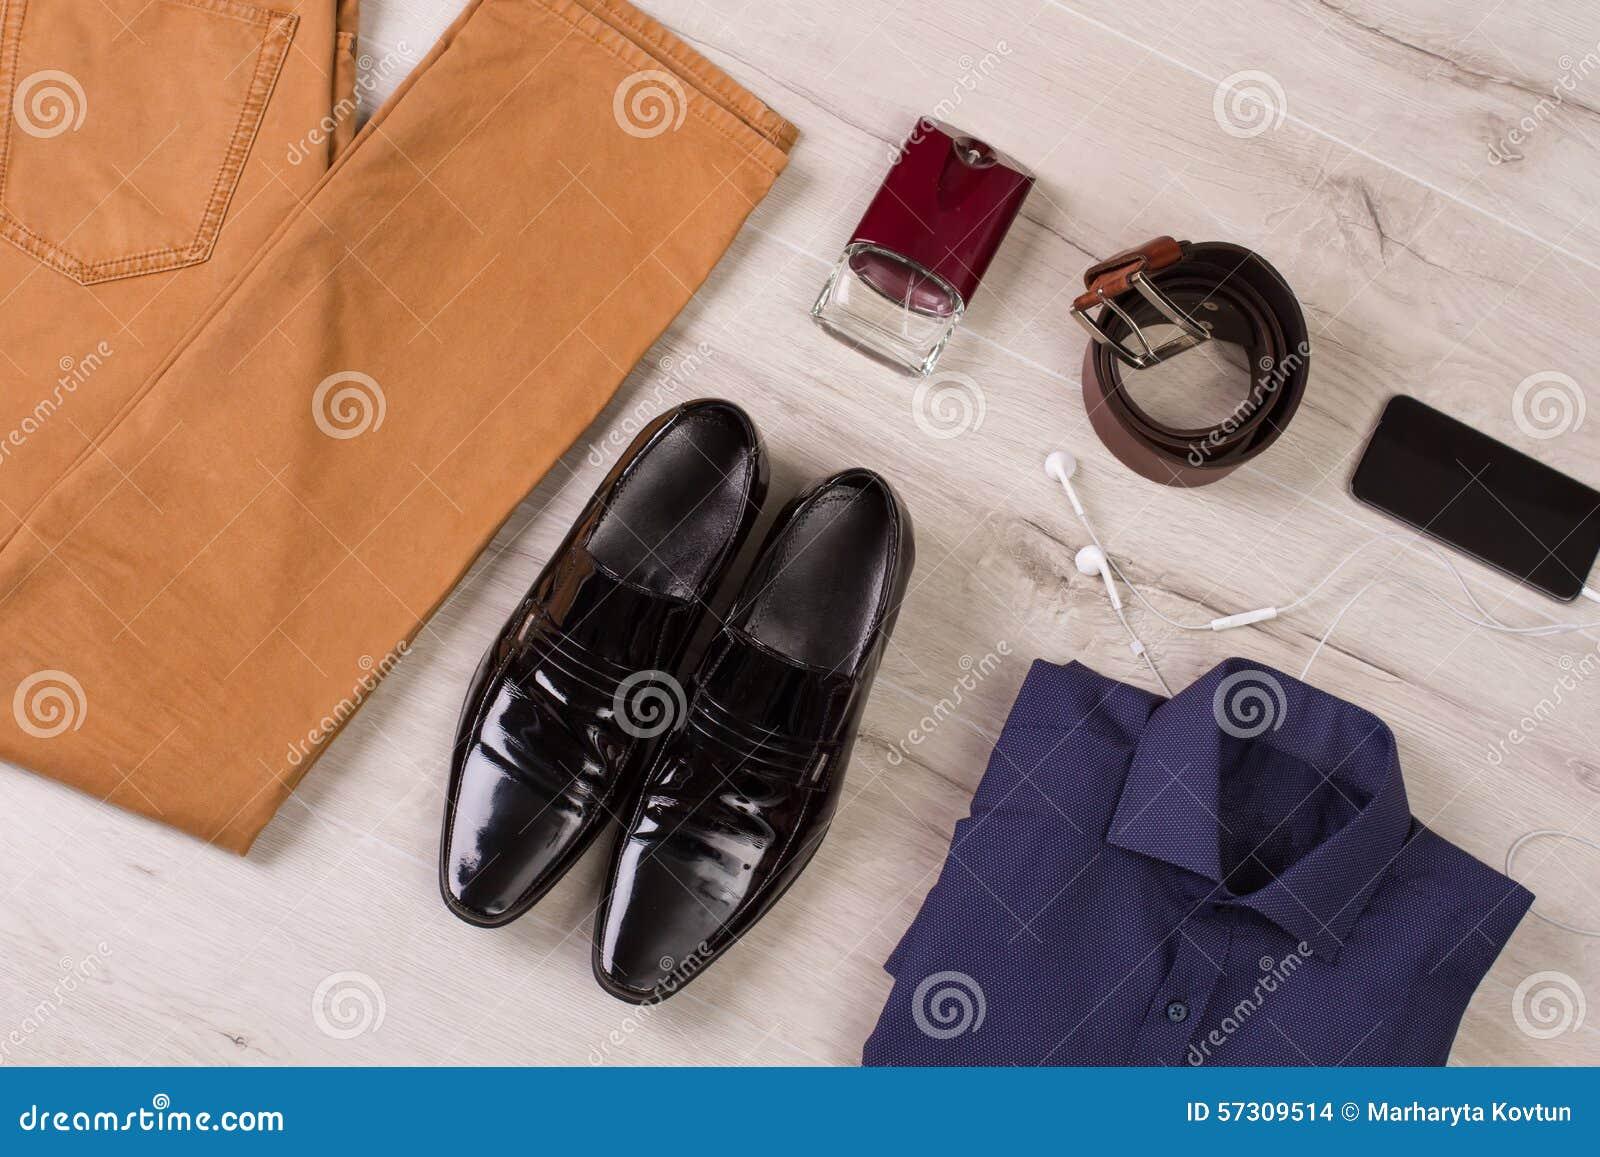 人的衣物和辅助部件的汇集